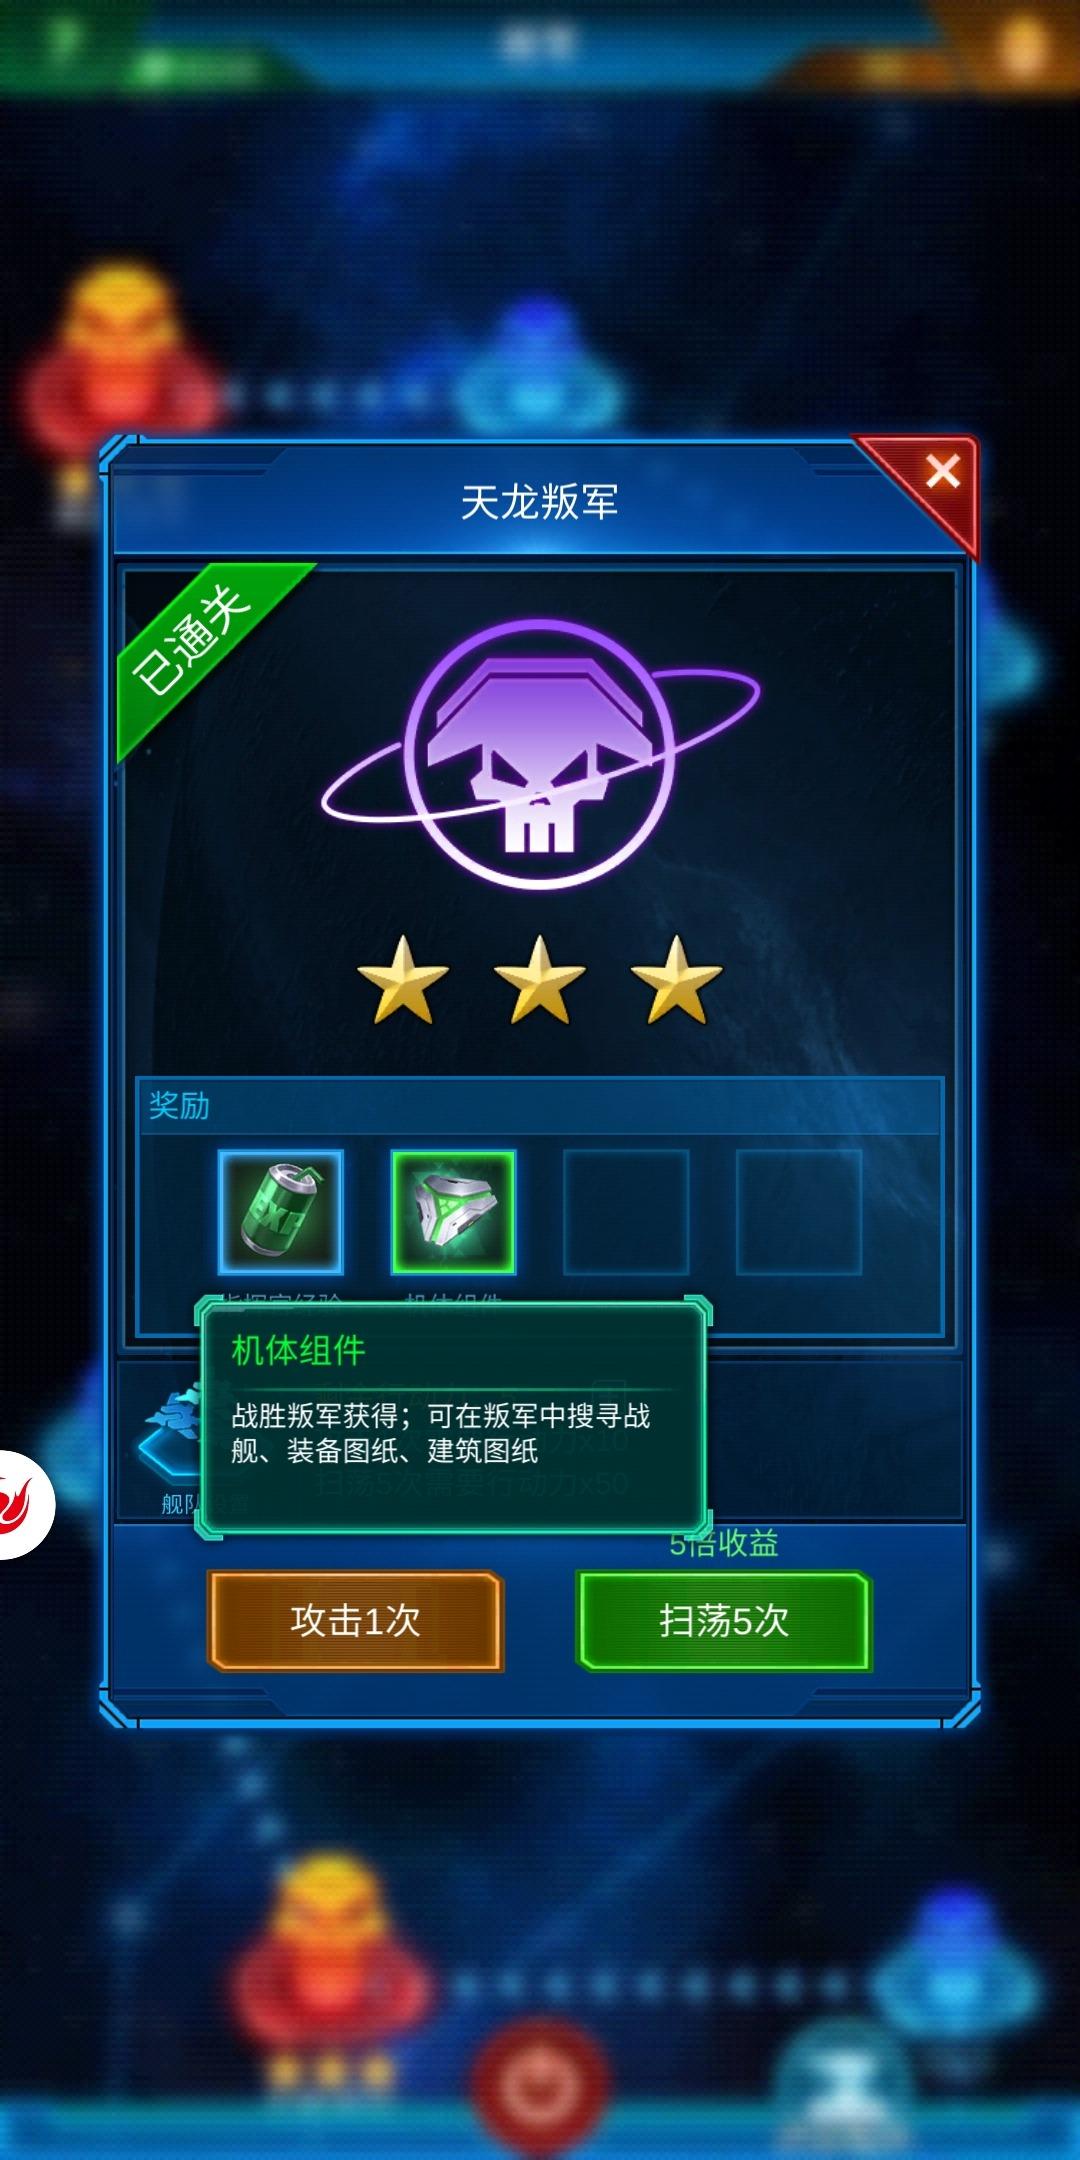 Screenshot_20200420_011612_com.yhzj.jedi.yueqiu.jpg